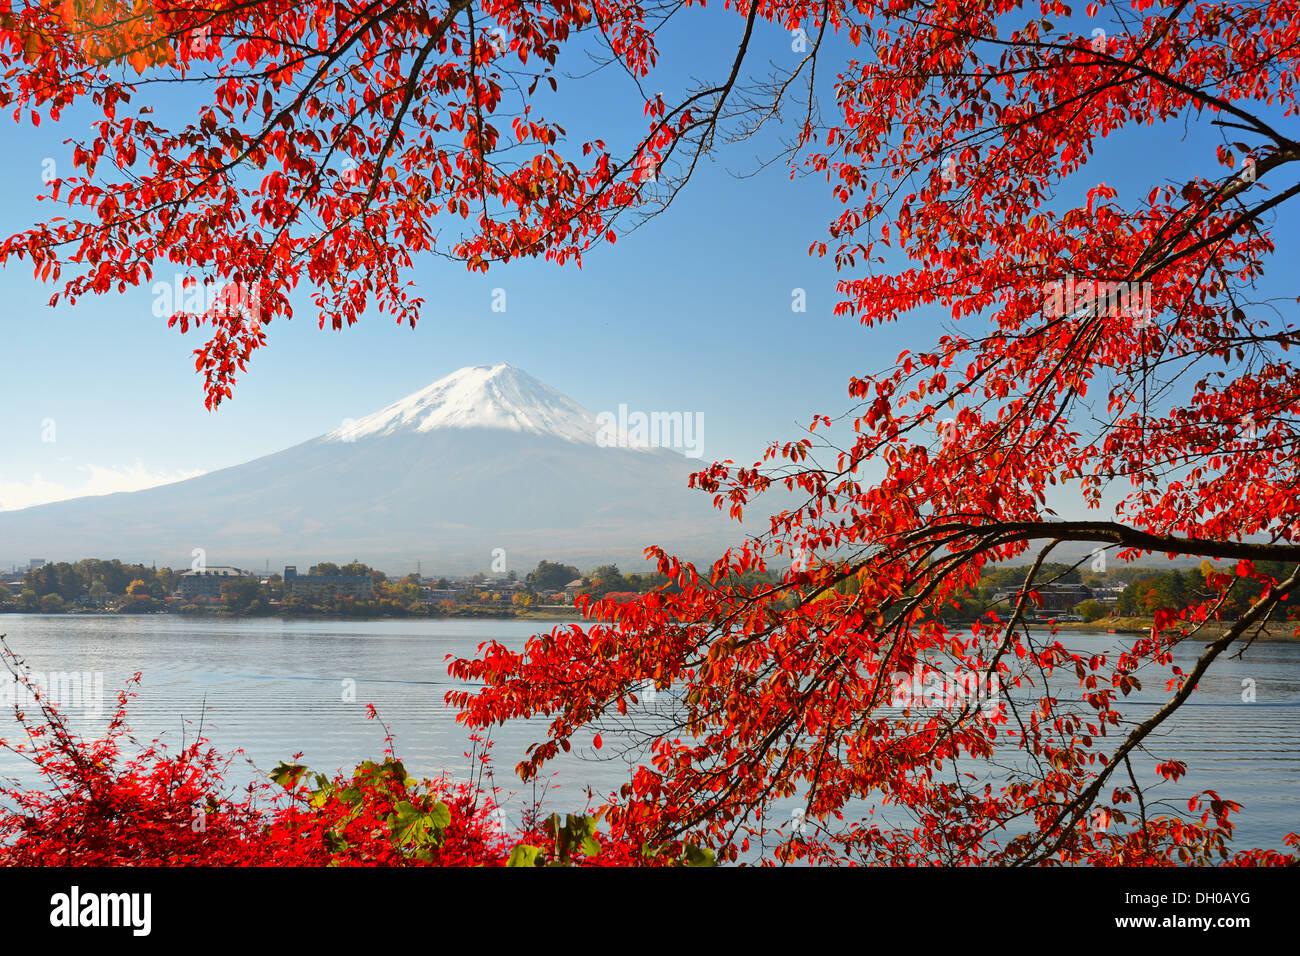 Mt Fuji in the Fall season. - Stock Image